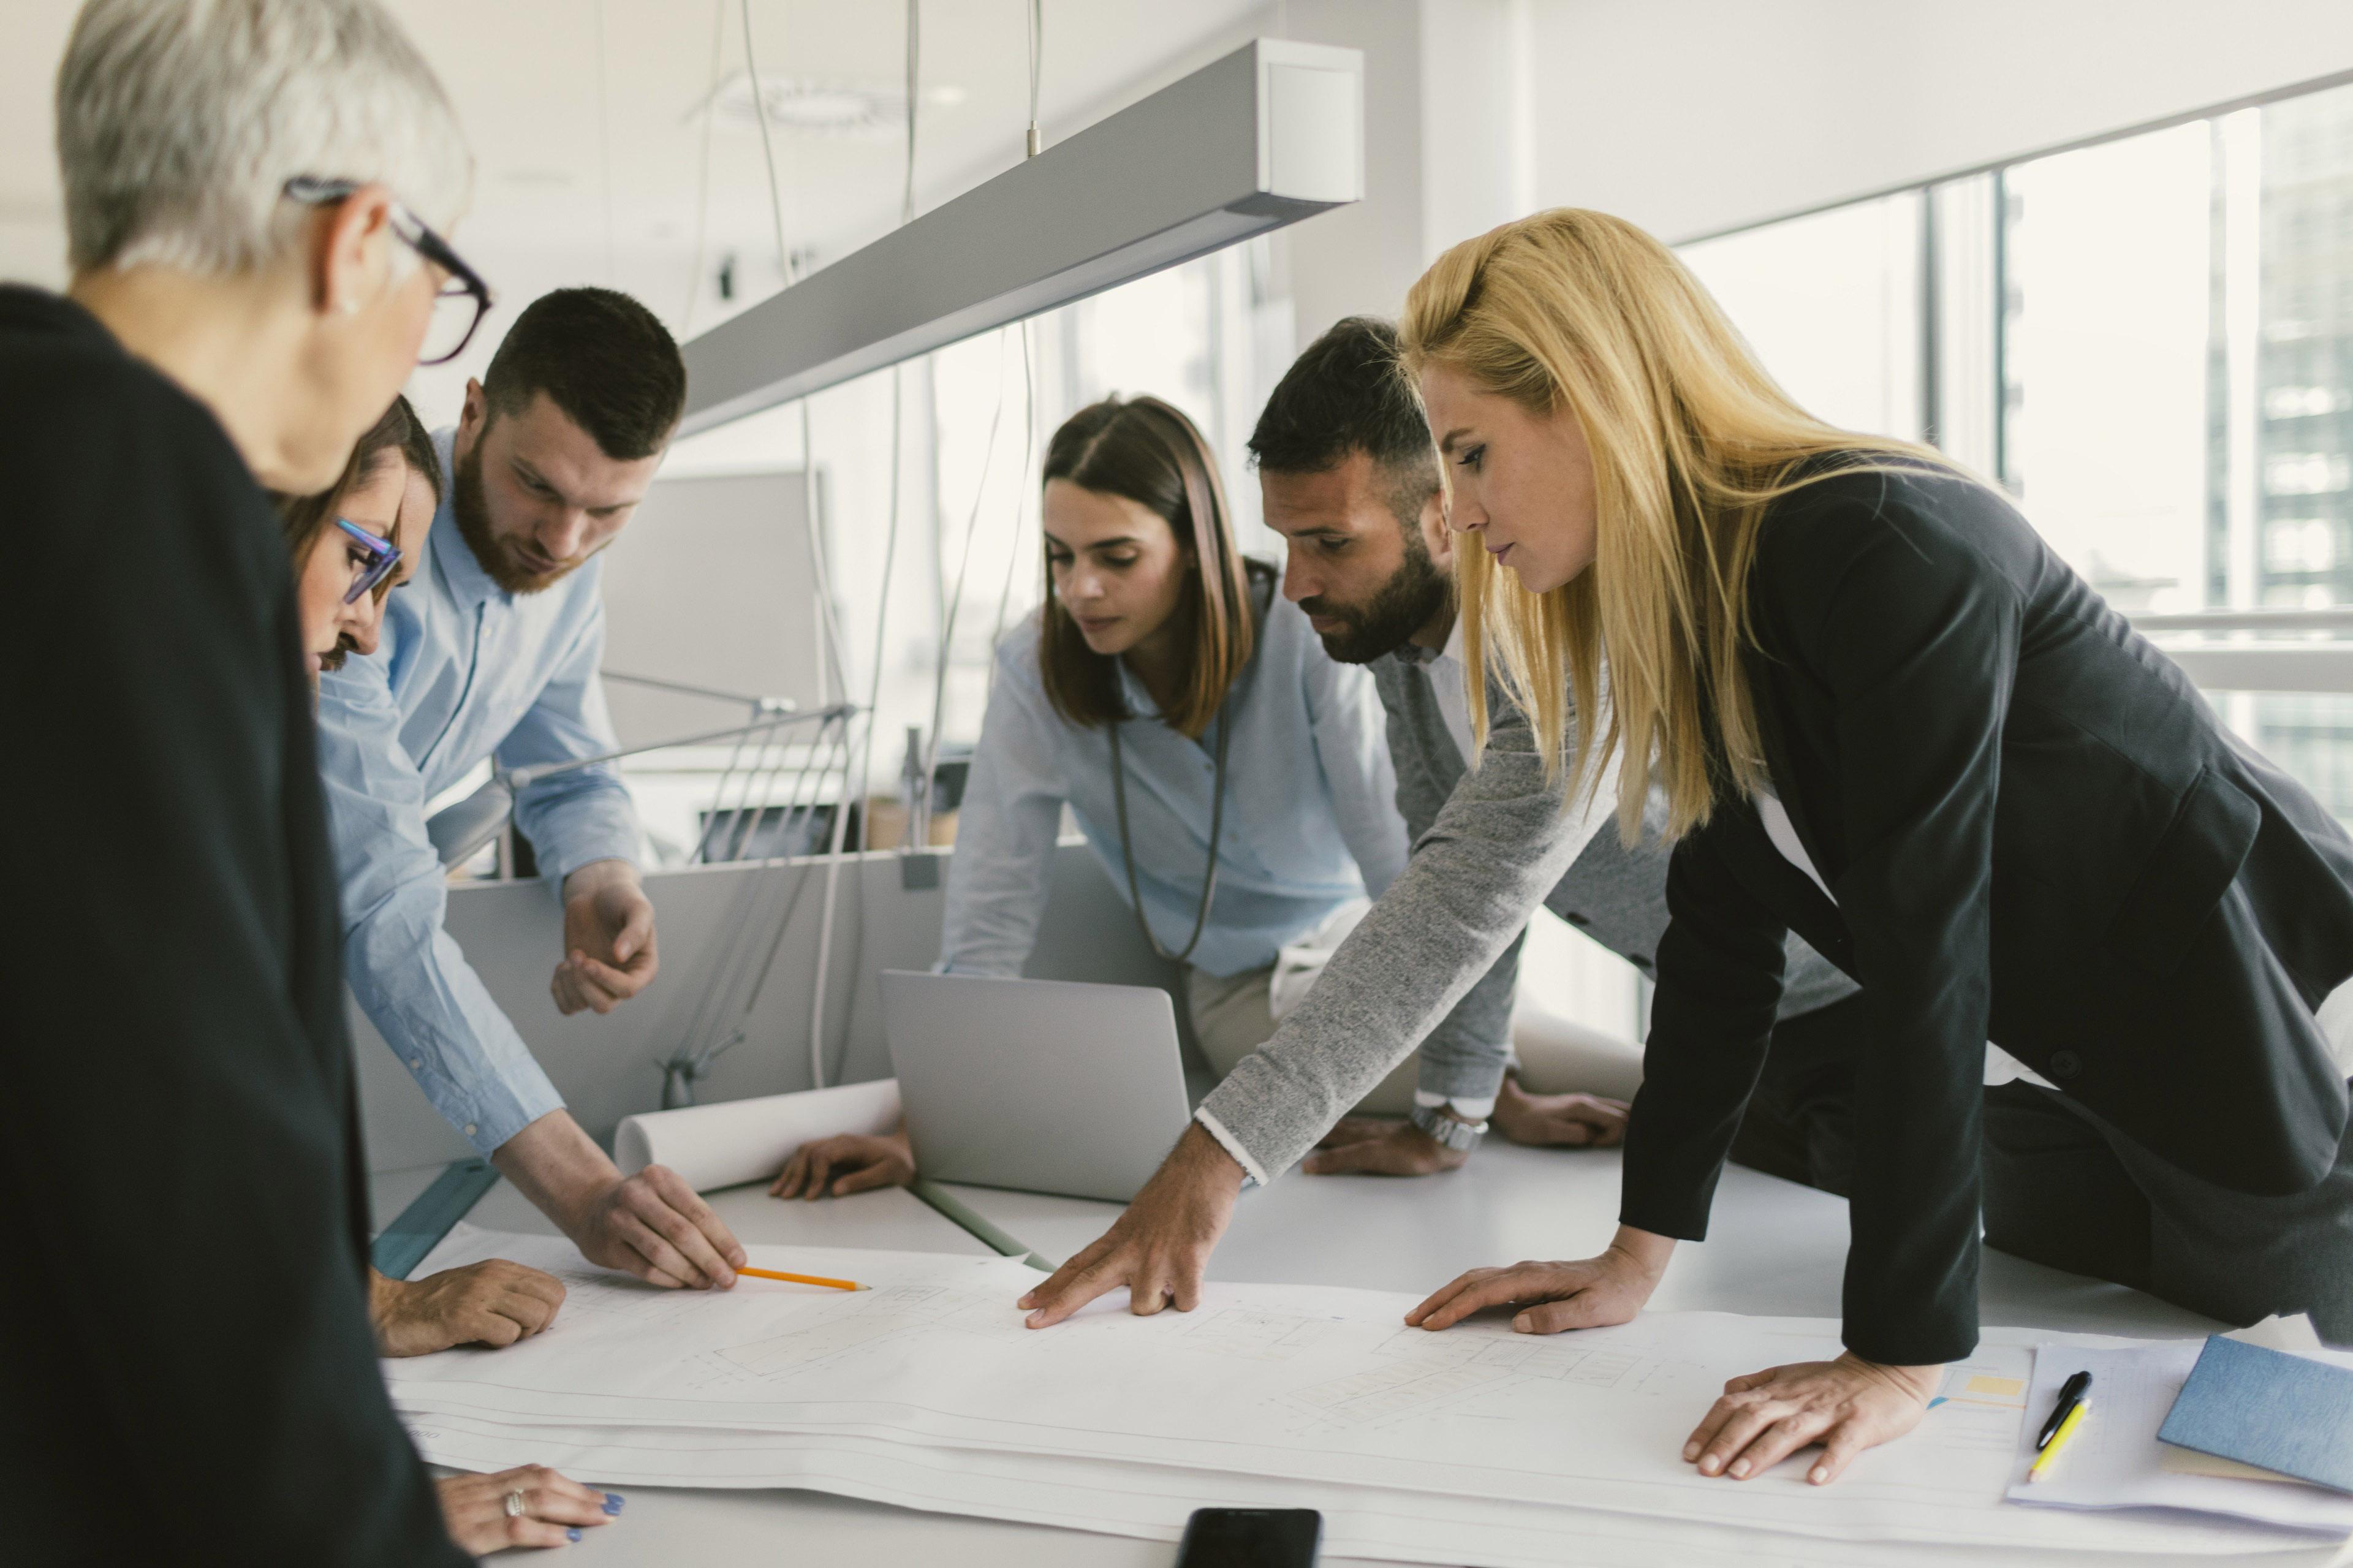 Люди с ноутбуками сидят в креслах современного офиса